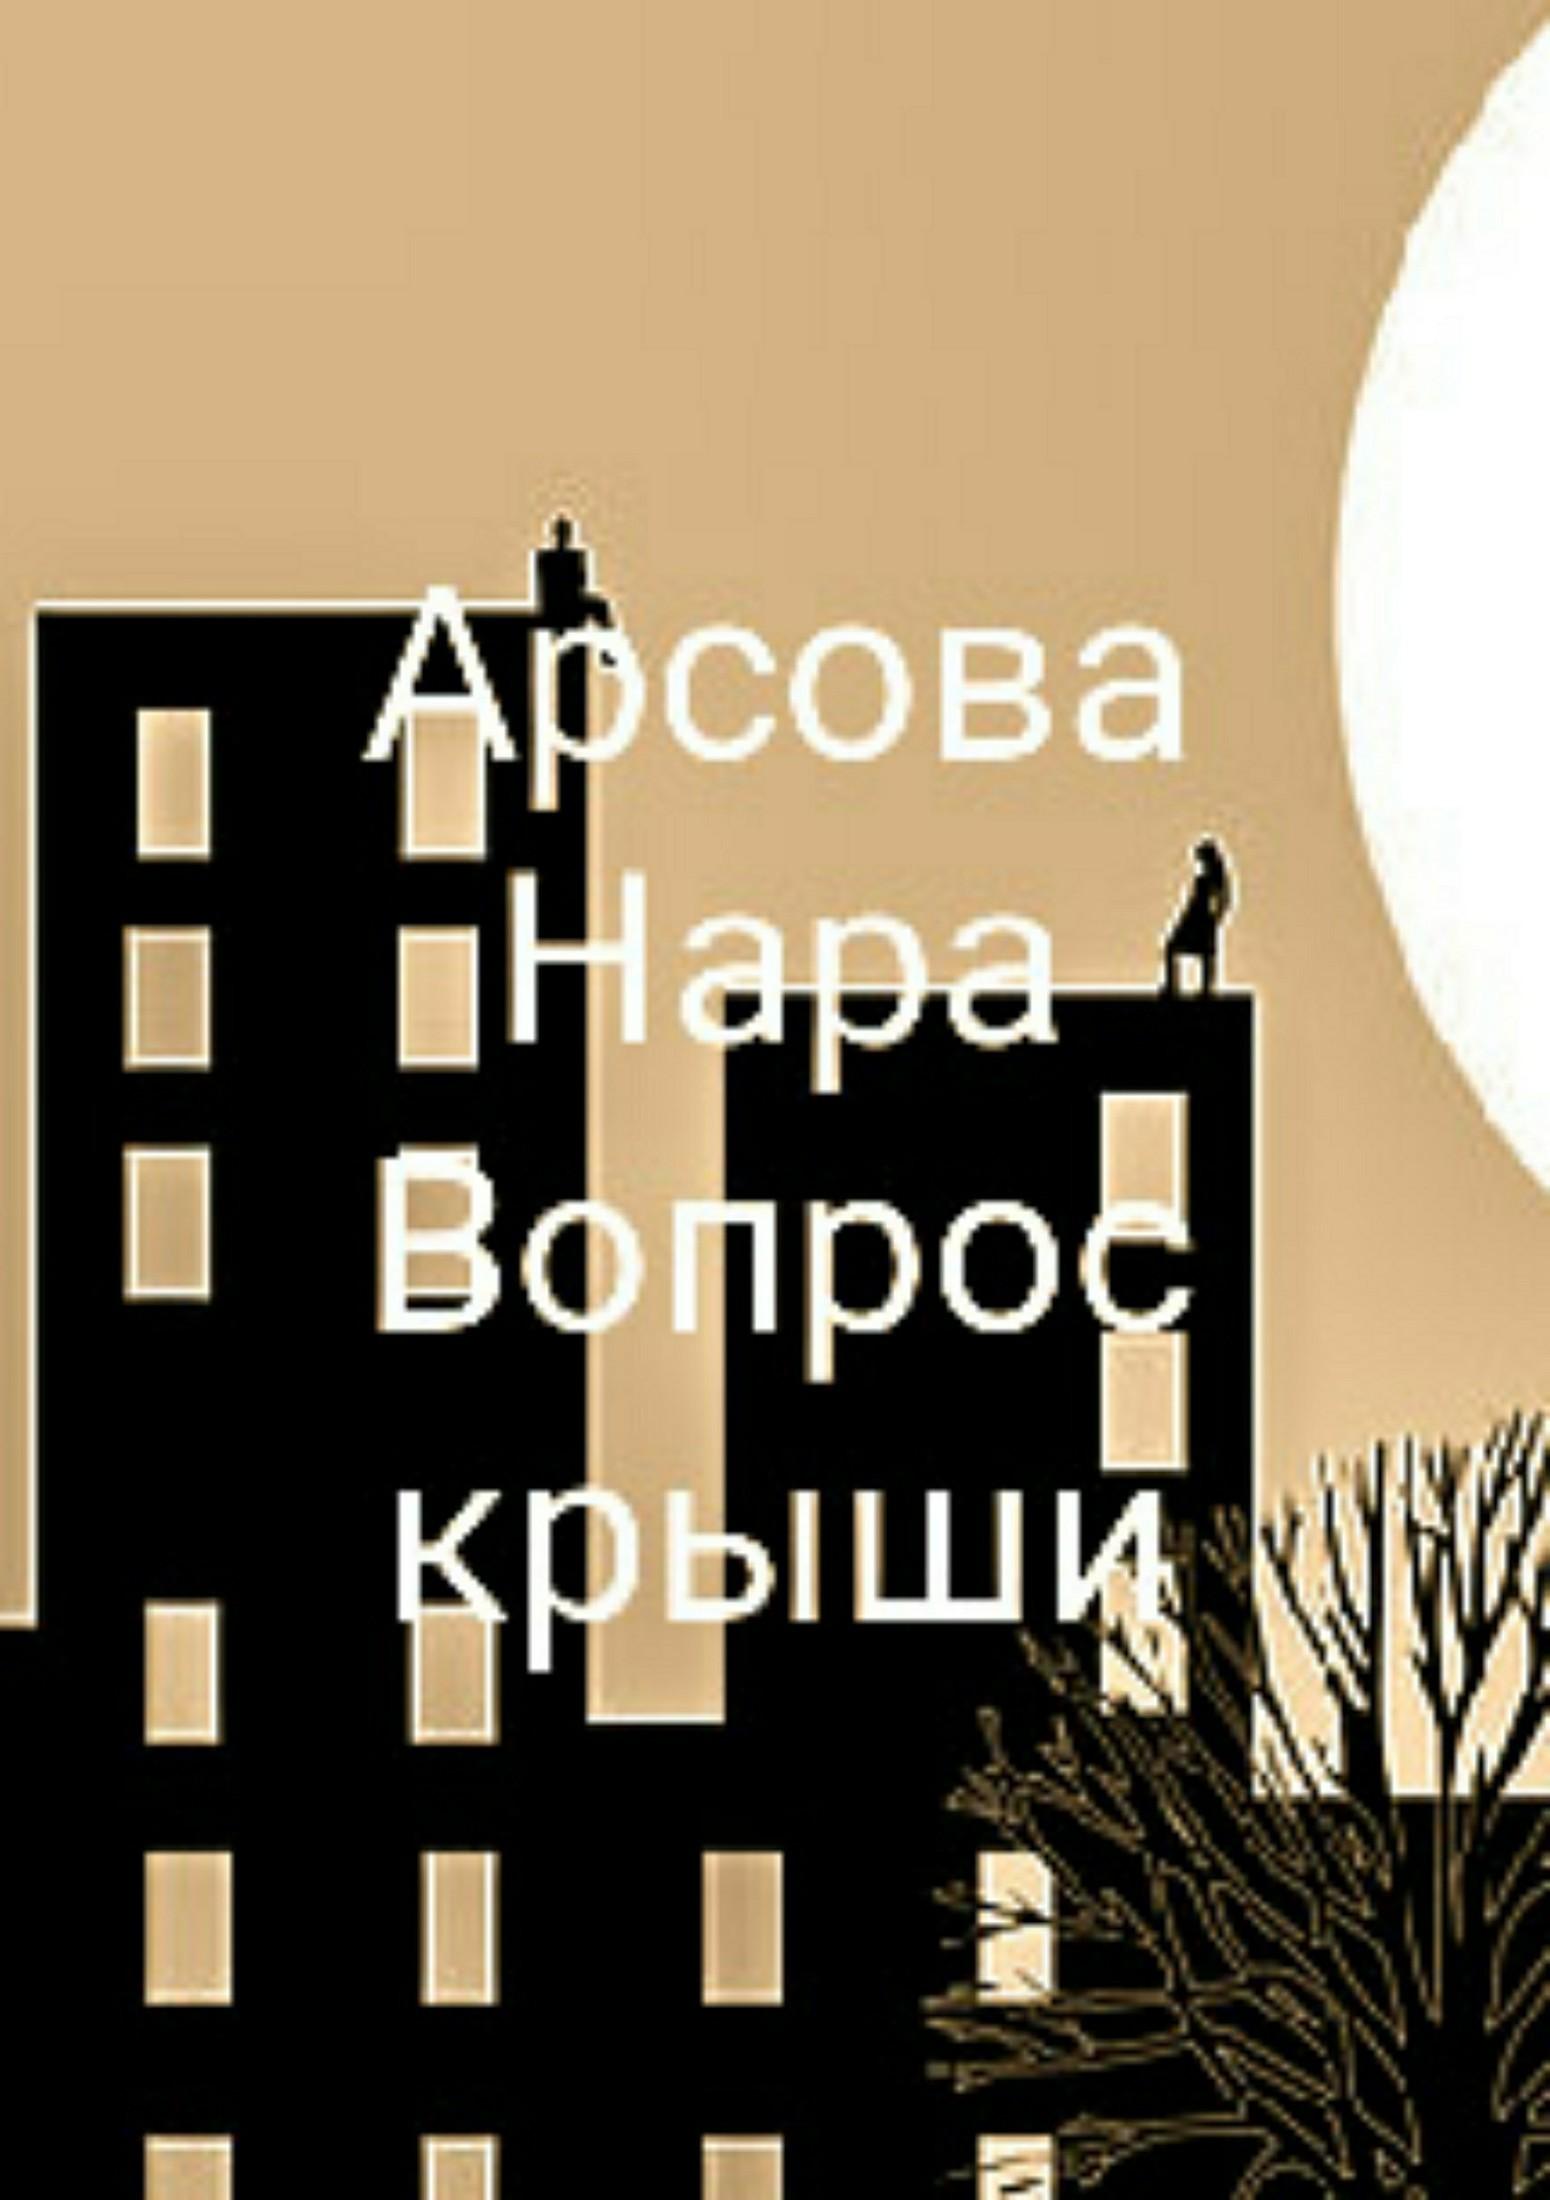 Нара Арсова бесплатно